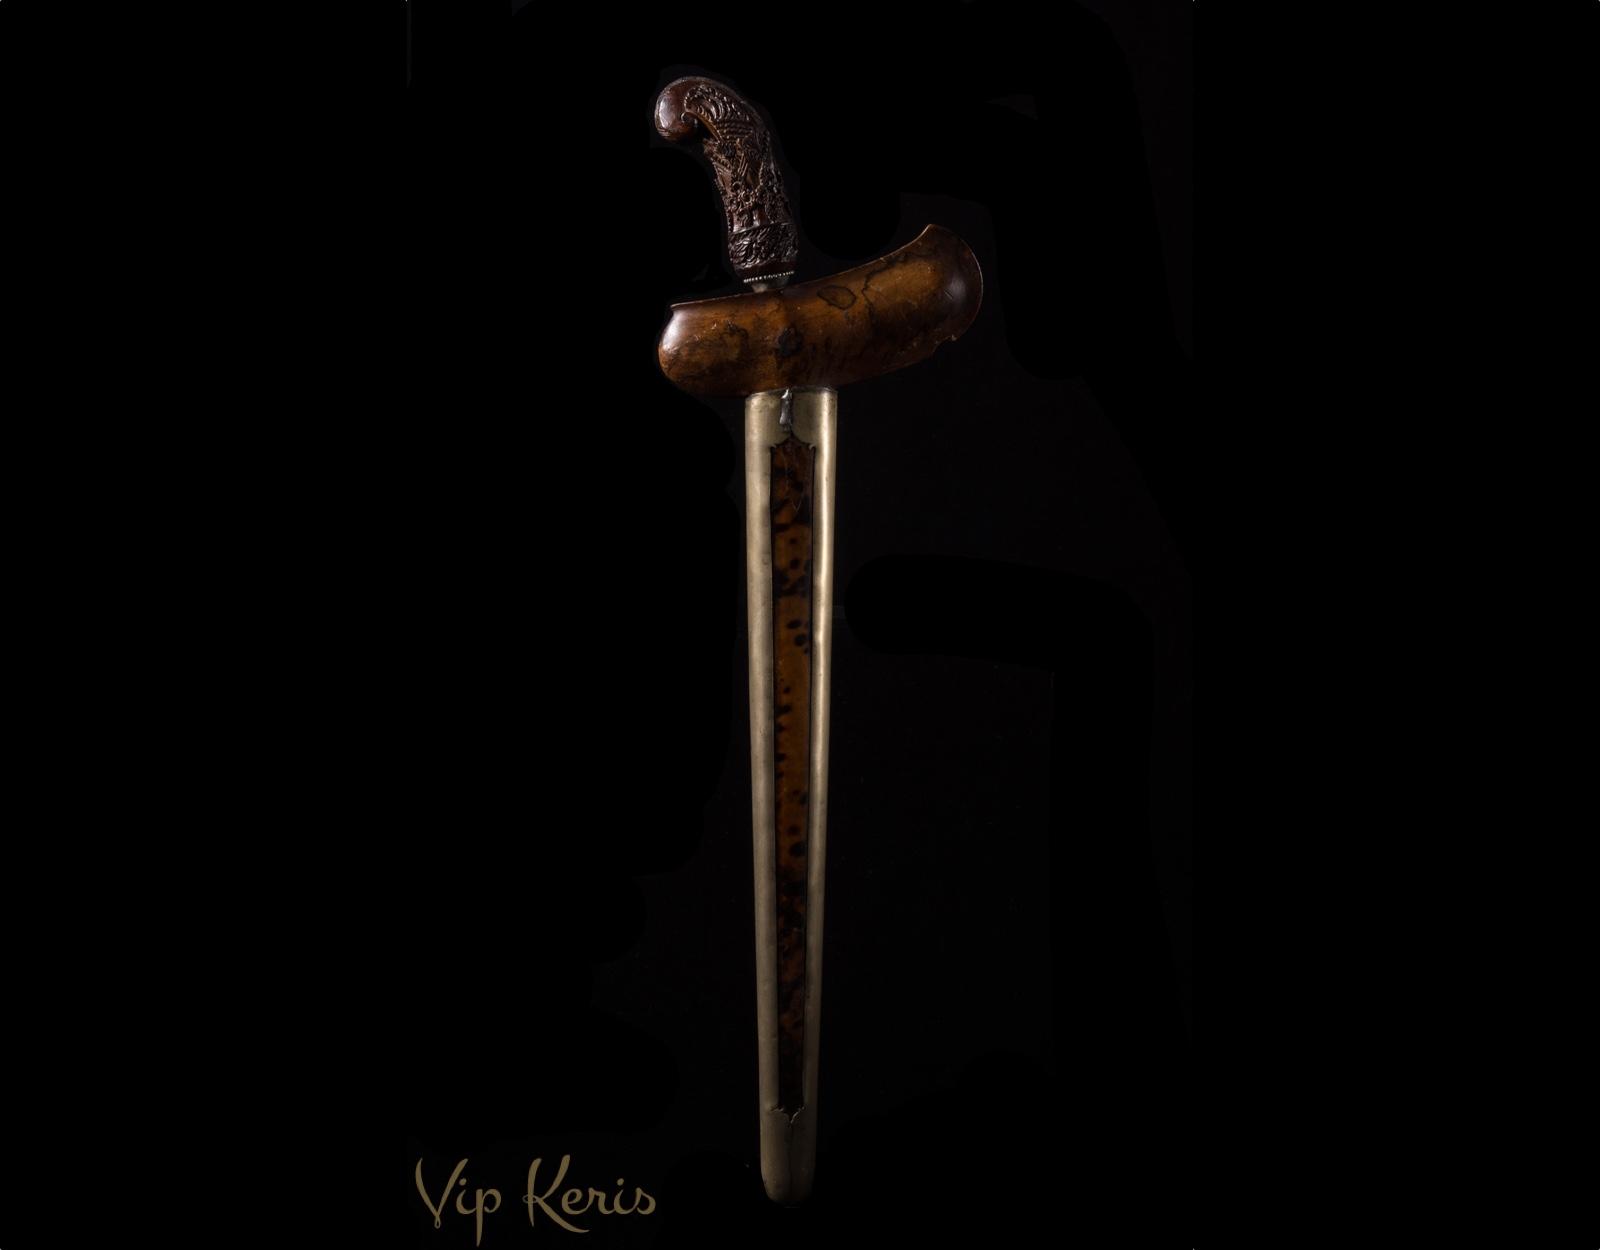 Прямой Крис Tilam Sari фото VipKeris